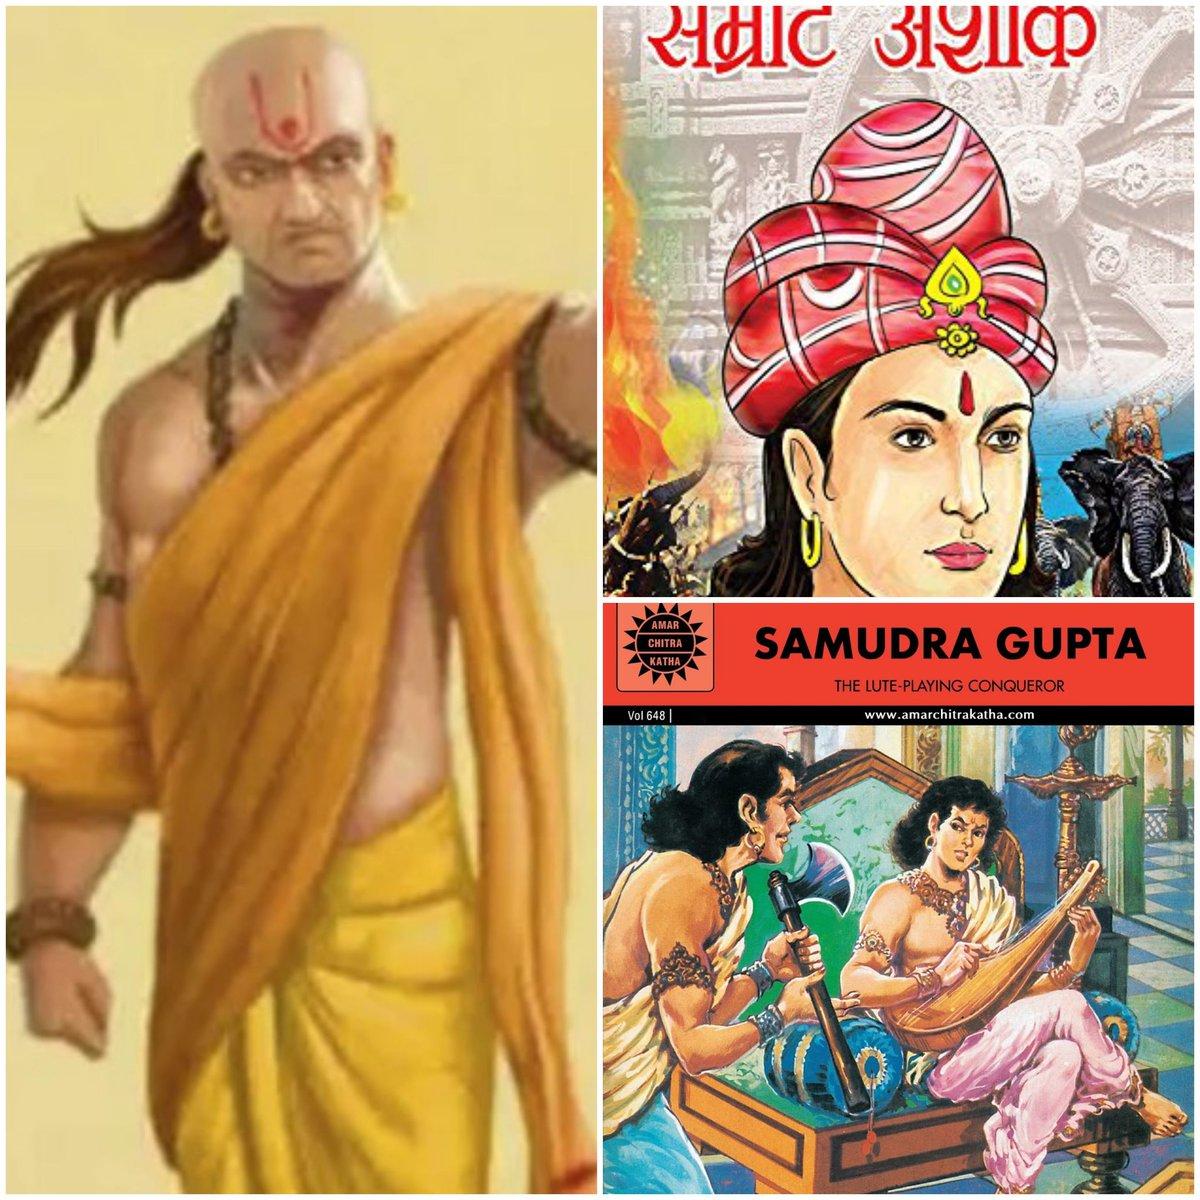 अगर मेरे पास भूतकाल का भ्रमण करवा सकने में सक्षम टाइम मशीन हो तो मै भारतीय इतिहास के विभिन्न काल खंडों की इन विभूतियों से भेंट करना चाहूंगी- #Chanakya #Ashok #SamudrGupt #RziyaSultan #RanaSanga #Akbar #shivajimaharaj #RaniLakshmibai #BalgangadharTilak #Gandhi #BhagatSingh  और आप?pic.twitter.com/7aA0cyhFPo